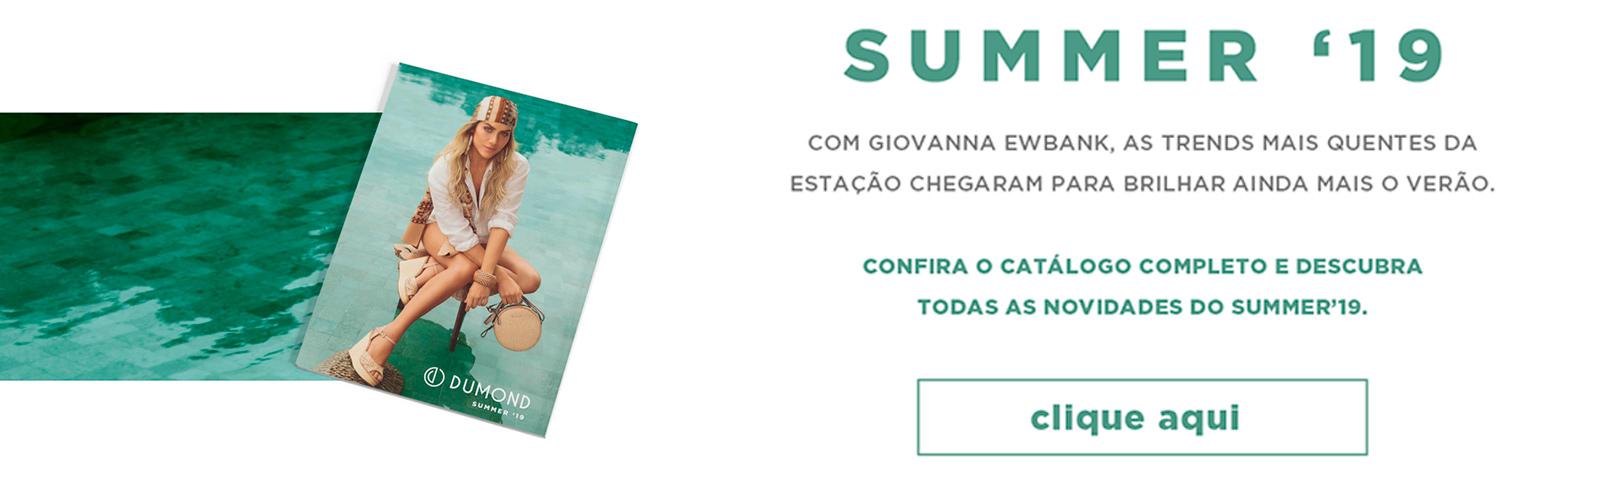 Summer '19 Dumond, conheça as novidades!